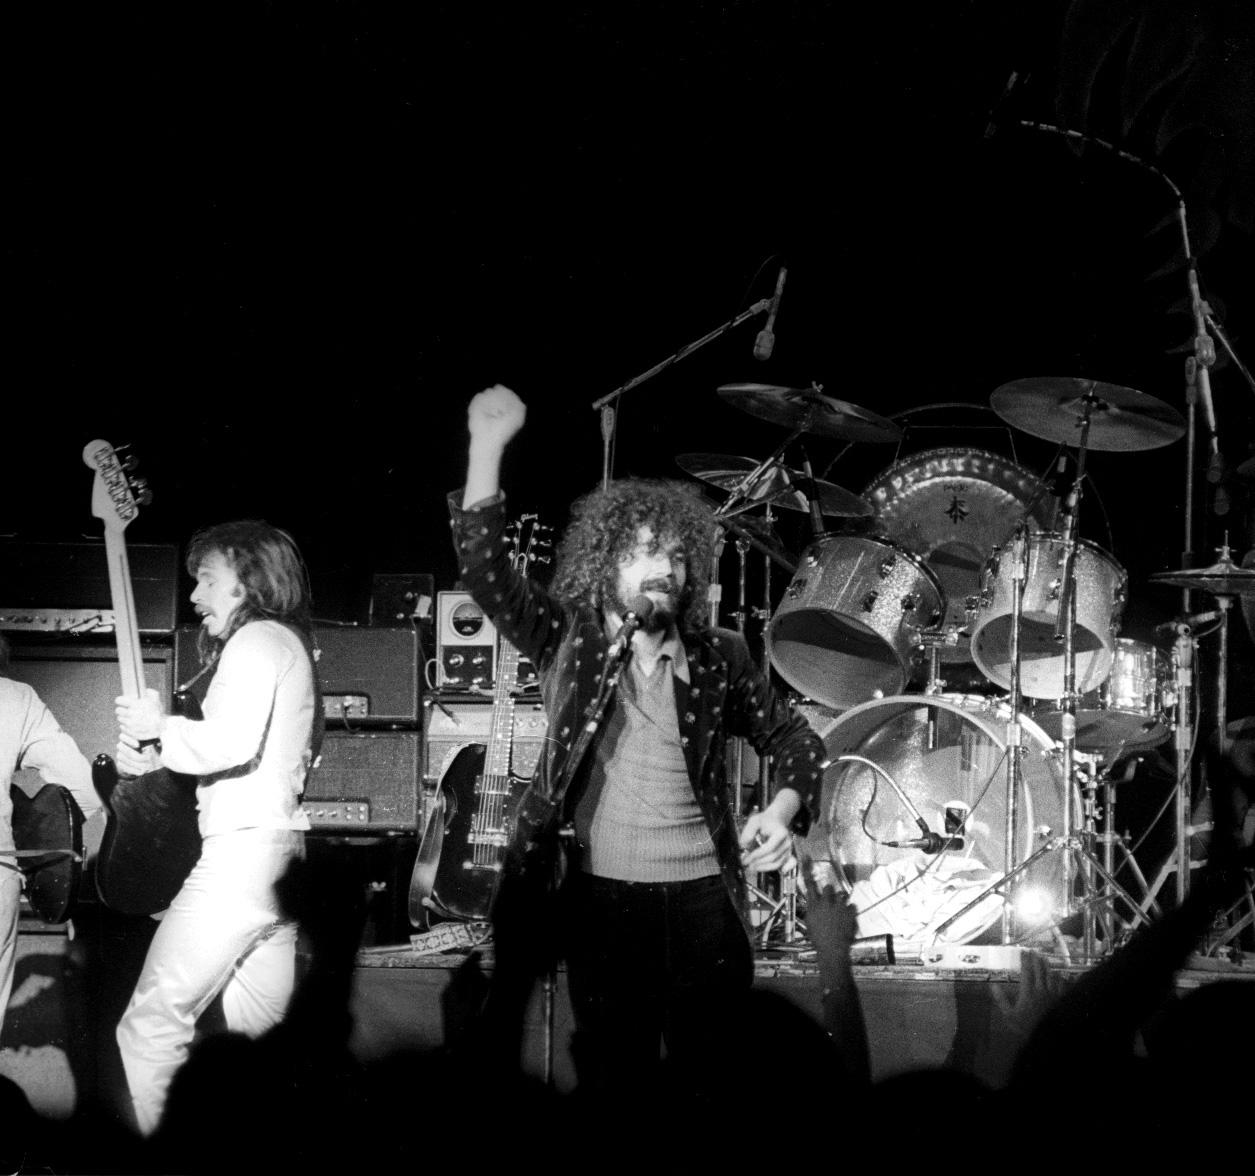 VintageTourJackets: BOSTON BAND 1979 TOUR JACKET